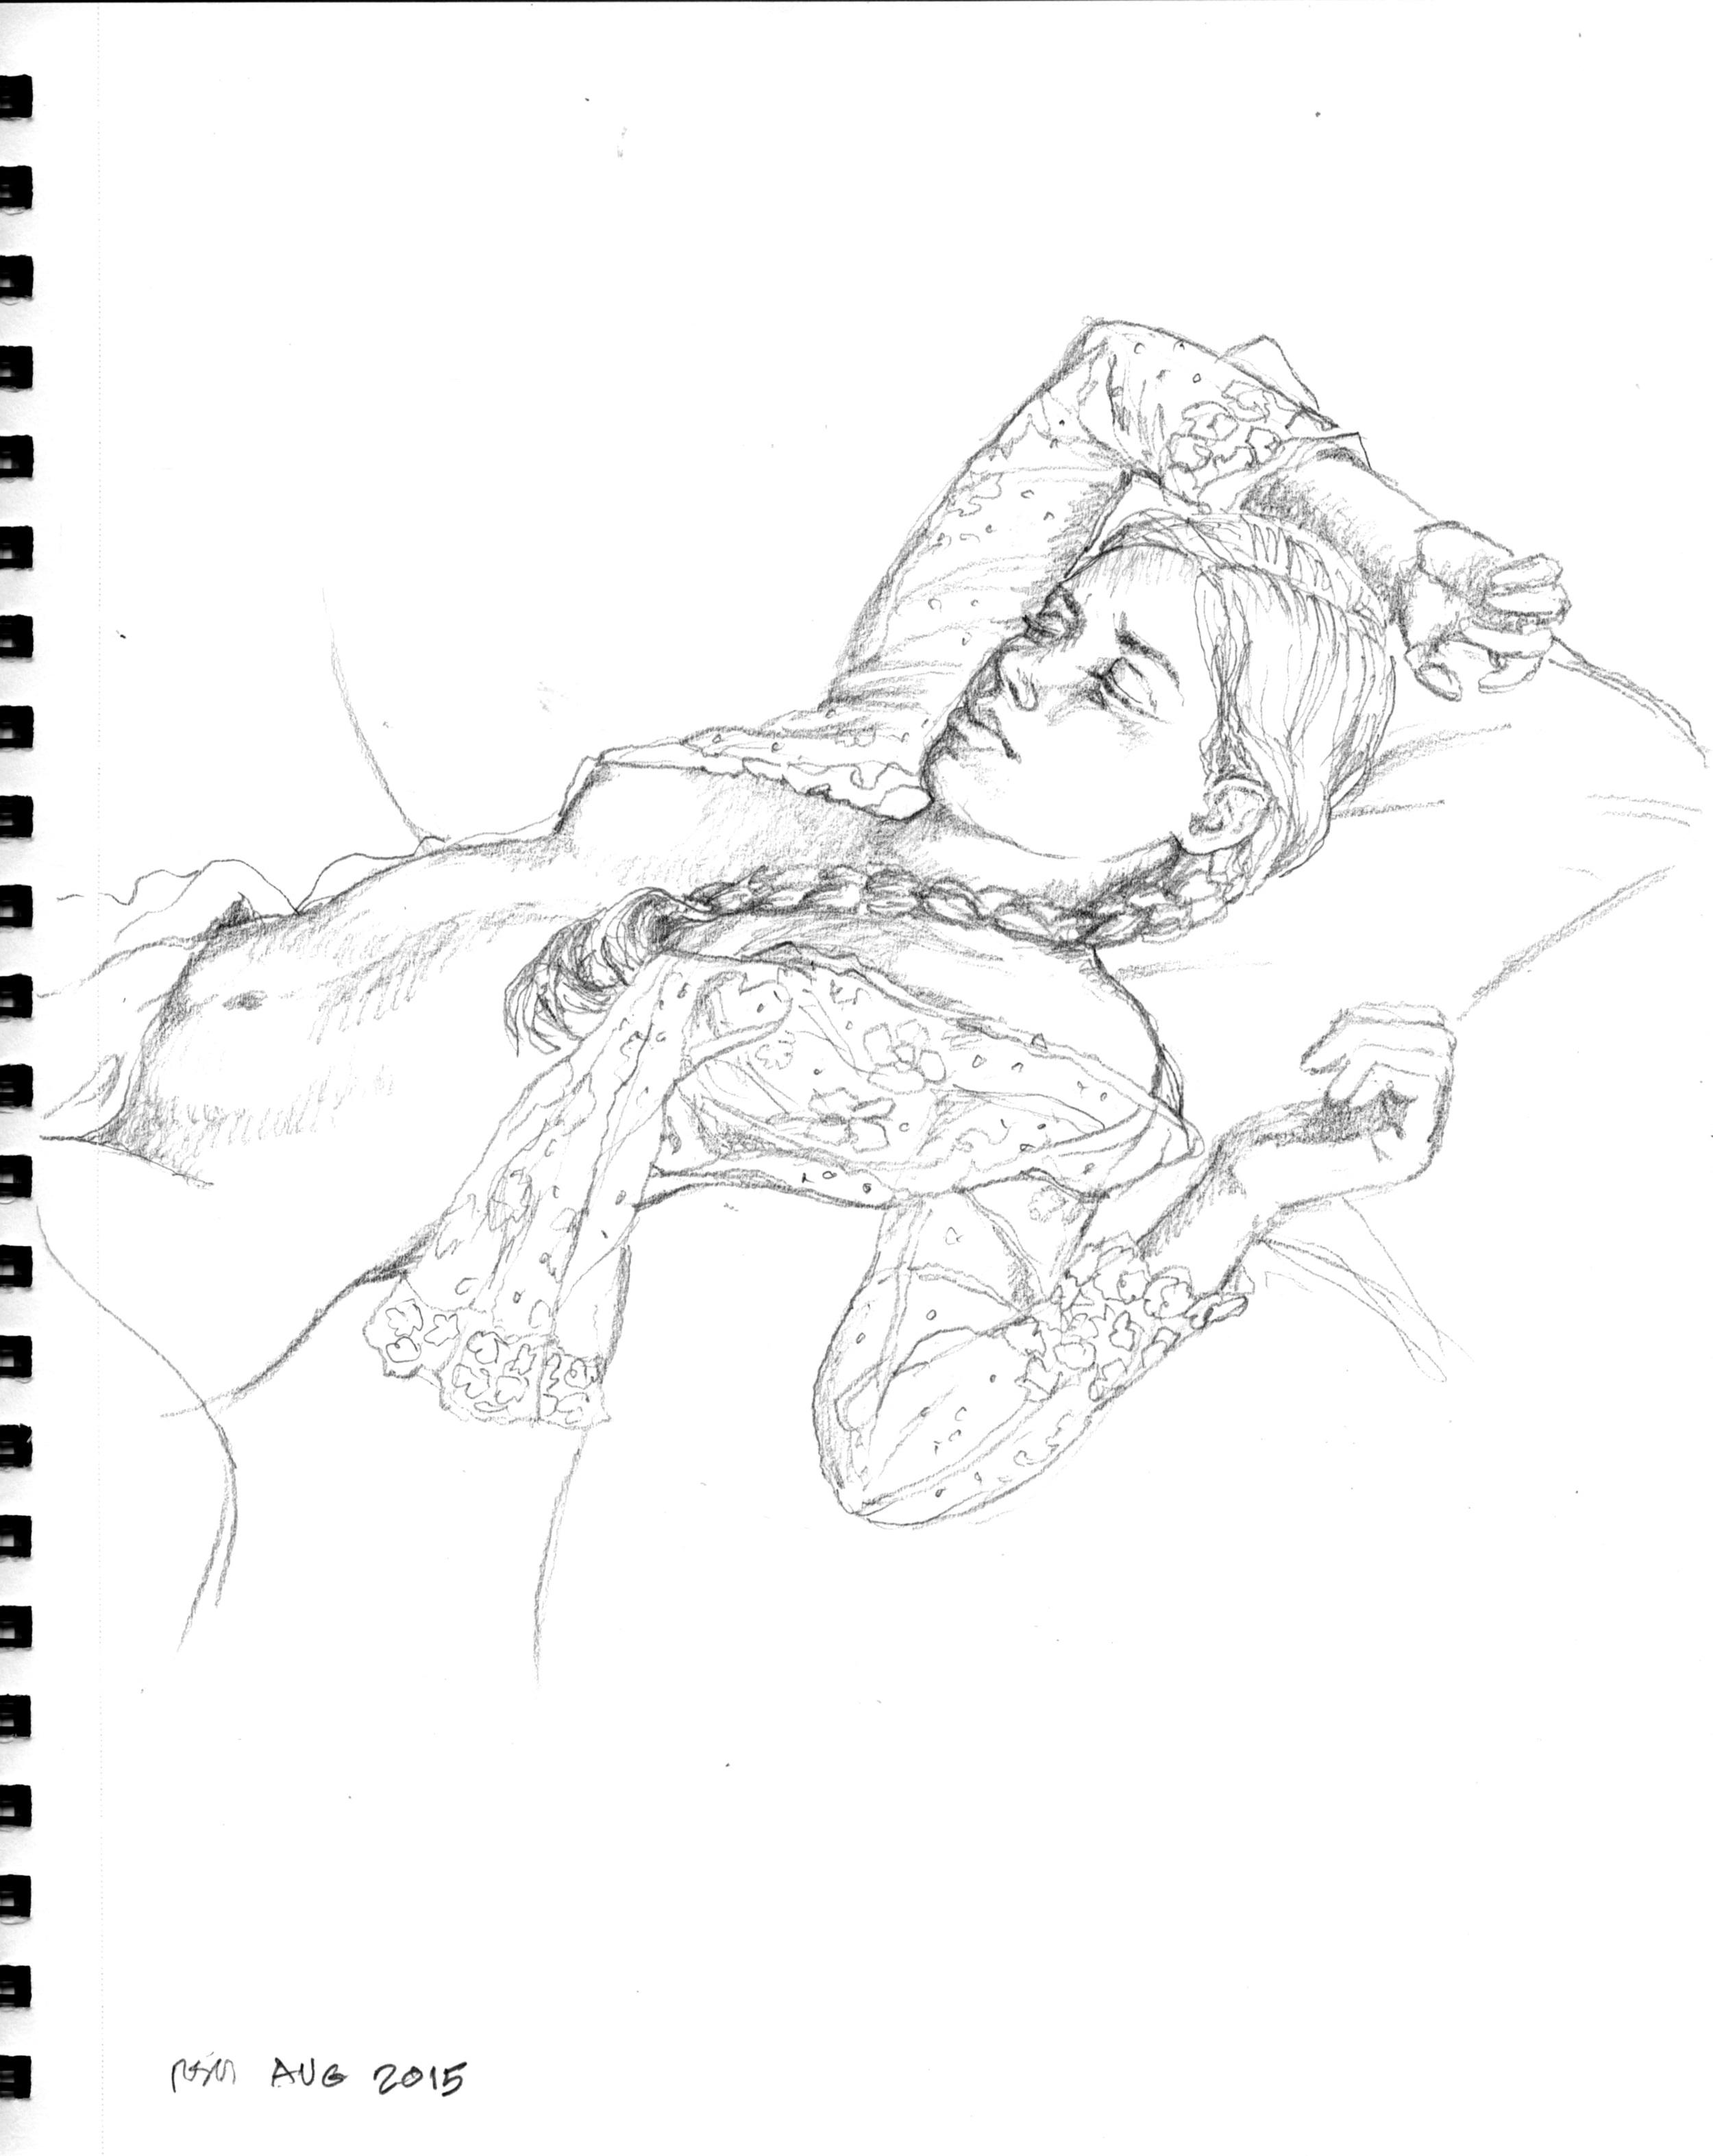 August September 2015 sketches_269.jpg